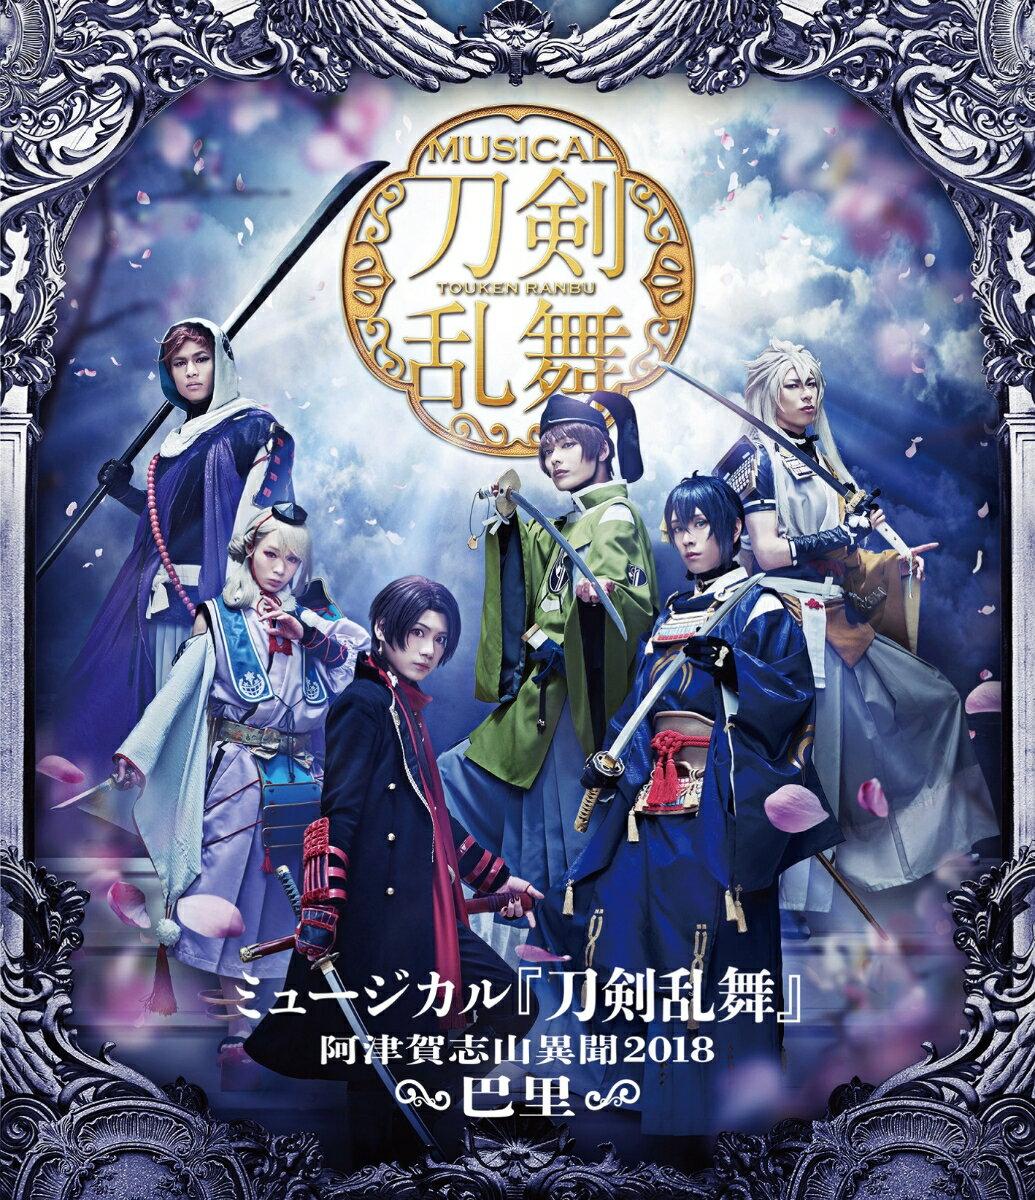 ミュージカル『刀剣乱舞』~阿津賀志山異聞2018 巴里~【Blu-ray】